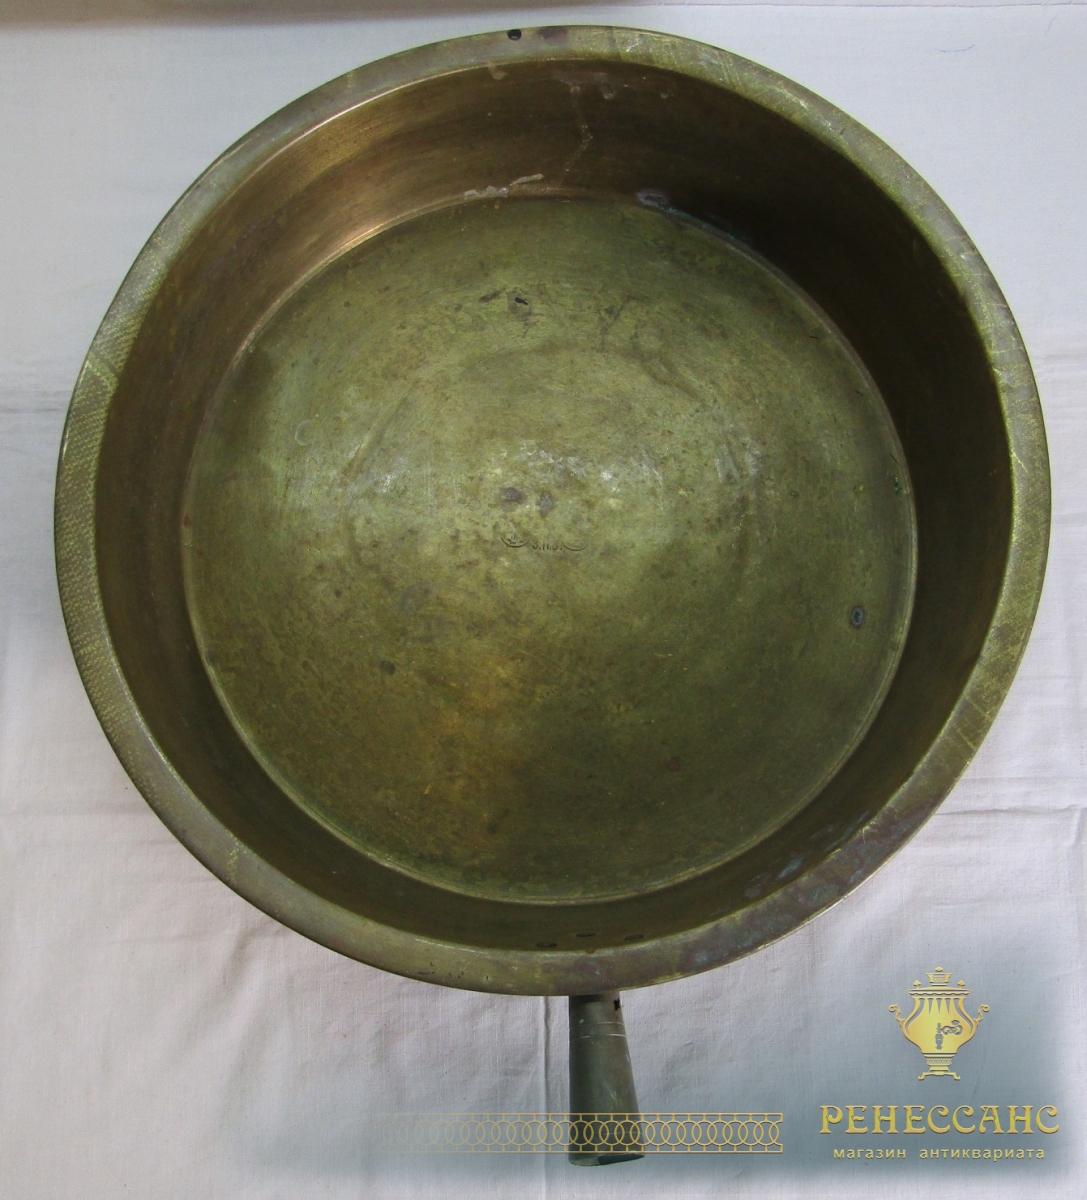 Таз латунный старинный, Россия 19 век №7122